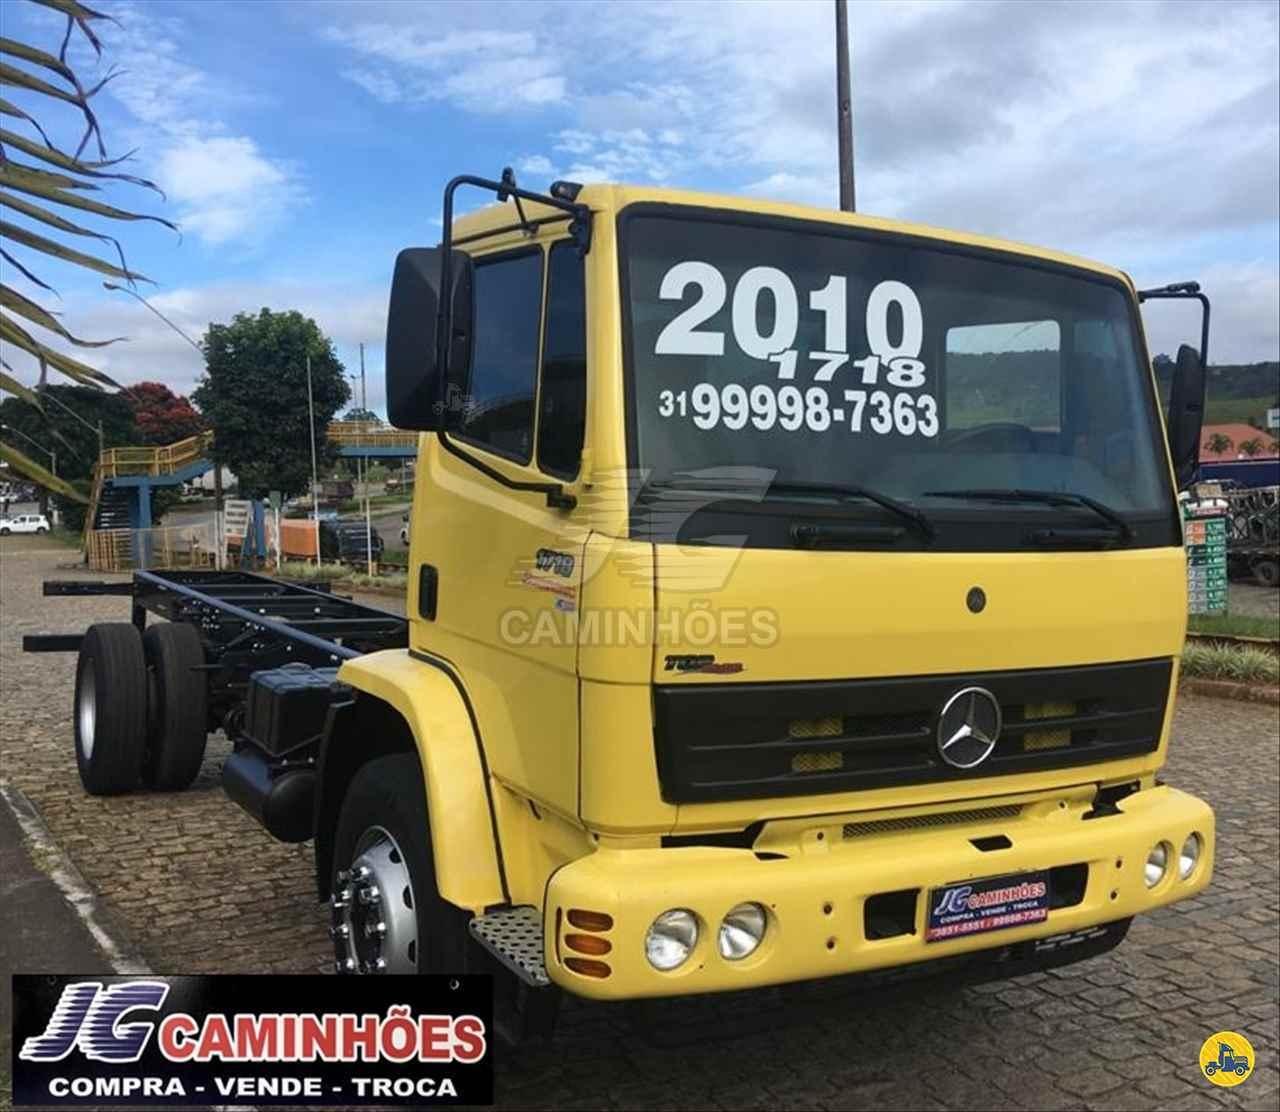 CAMINHAO MERCEDES-BENZ MB 1718 Chassis Toco 4x2 JG Caminhões JOAO MONLEVADE MINAS GERAIS MG